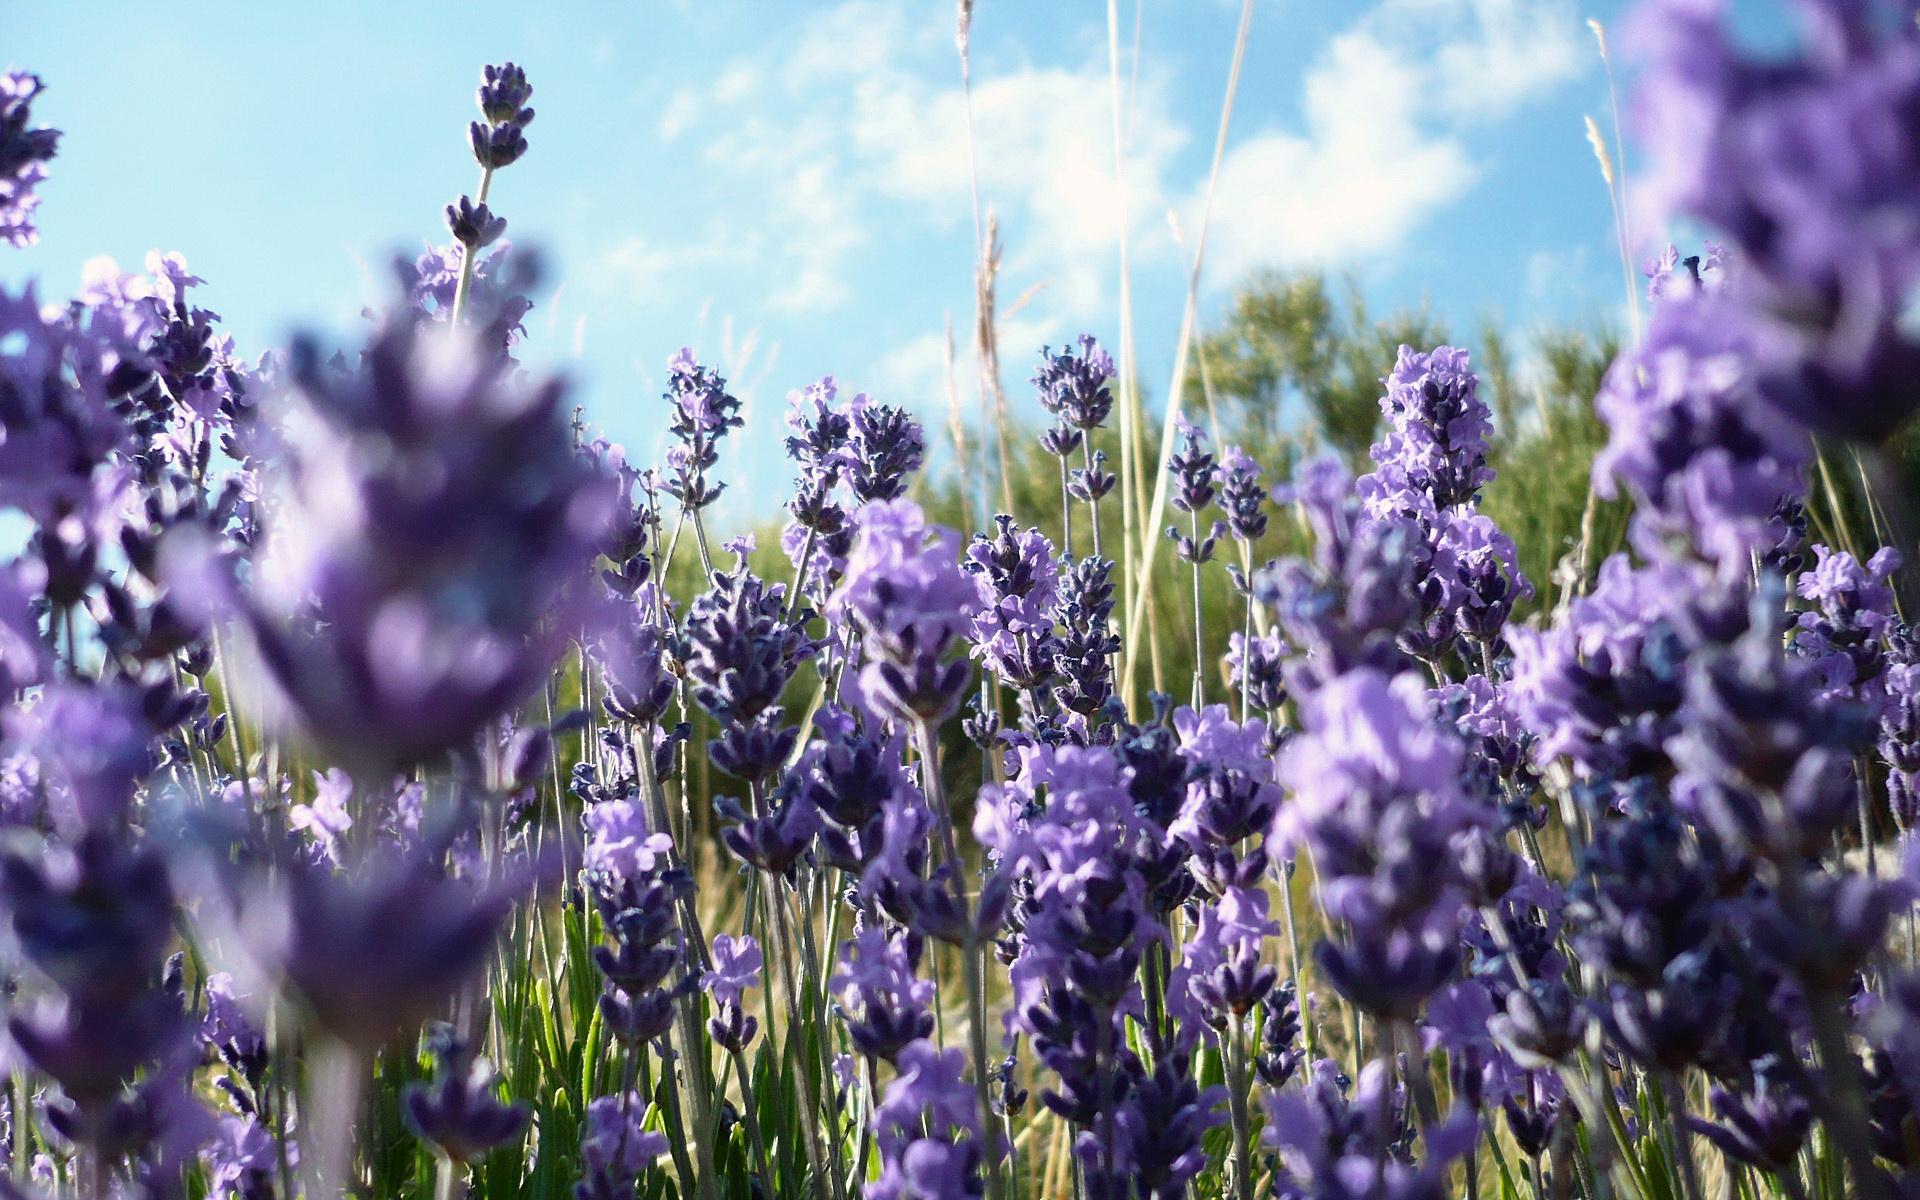 Stone Villa Lavender Crete lavenders fields